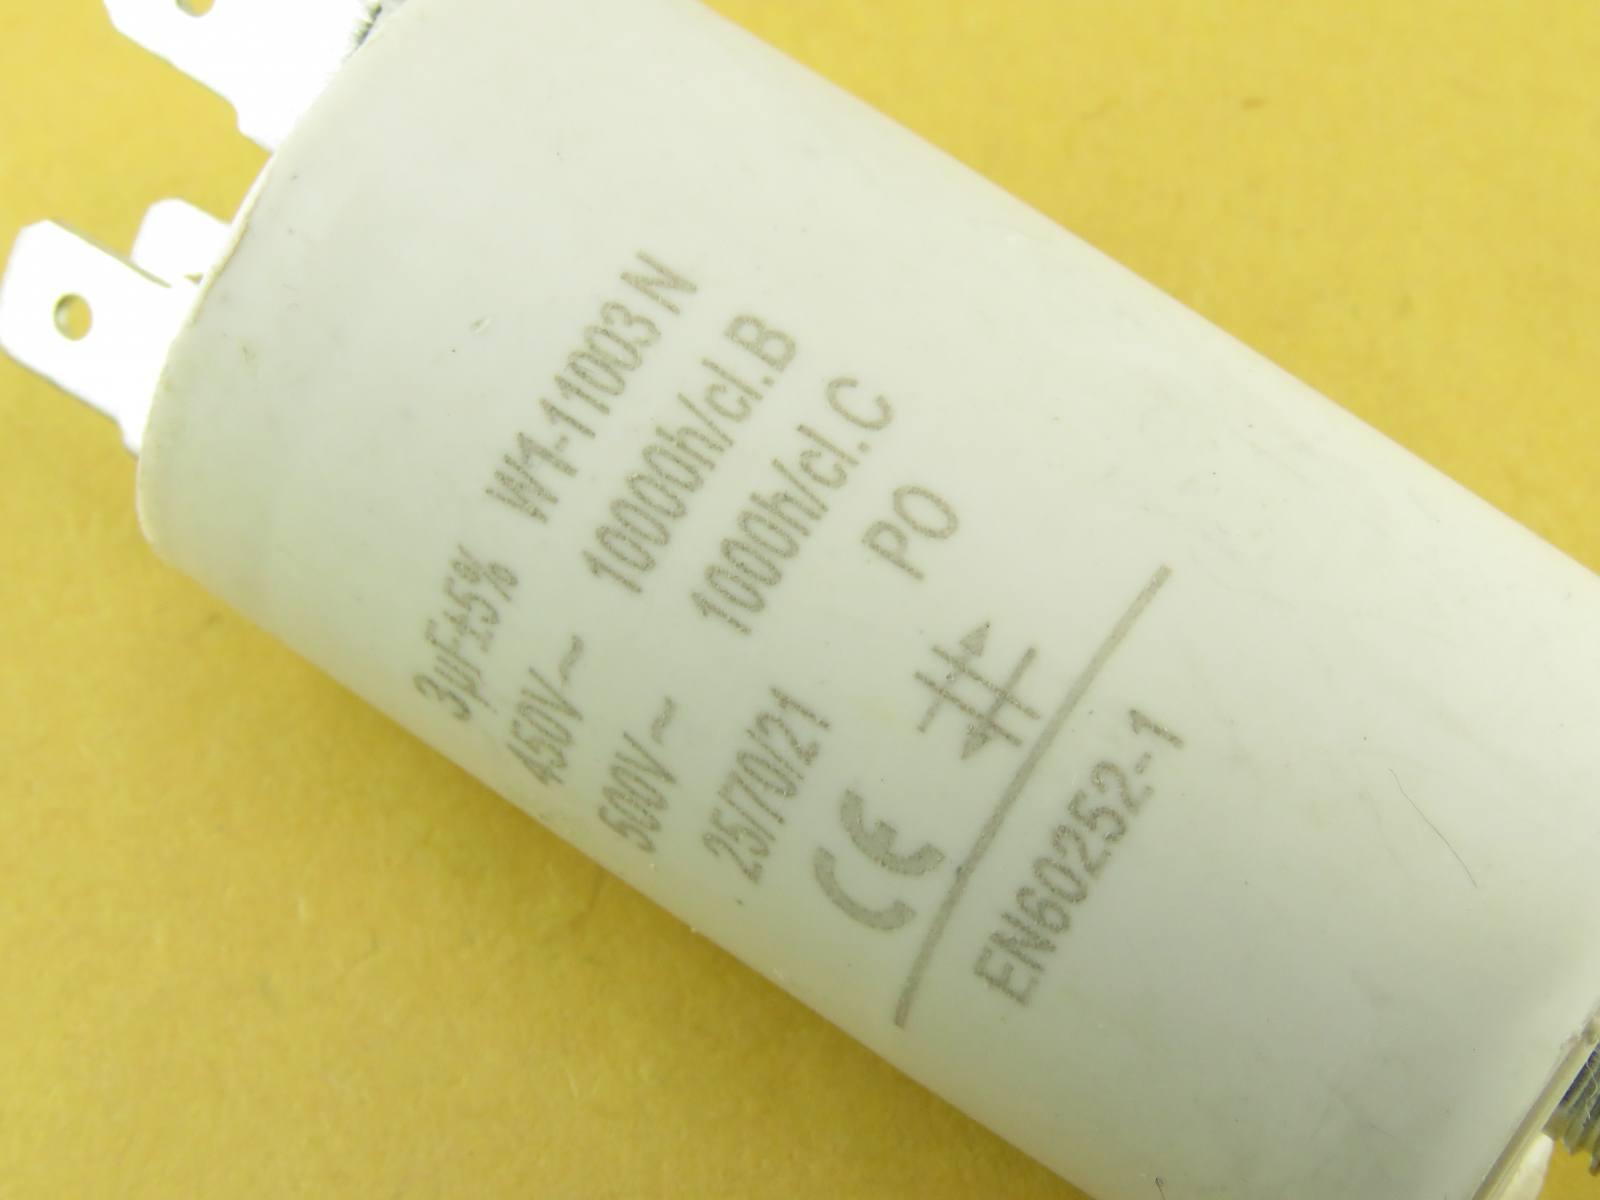 Condensateur démarrage moteur 3uF 450v MOTCAP3UF450V (image 2/3)